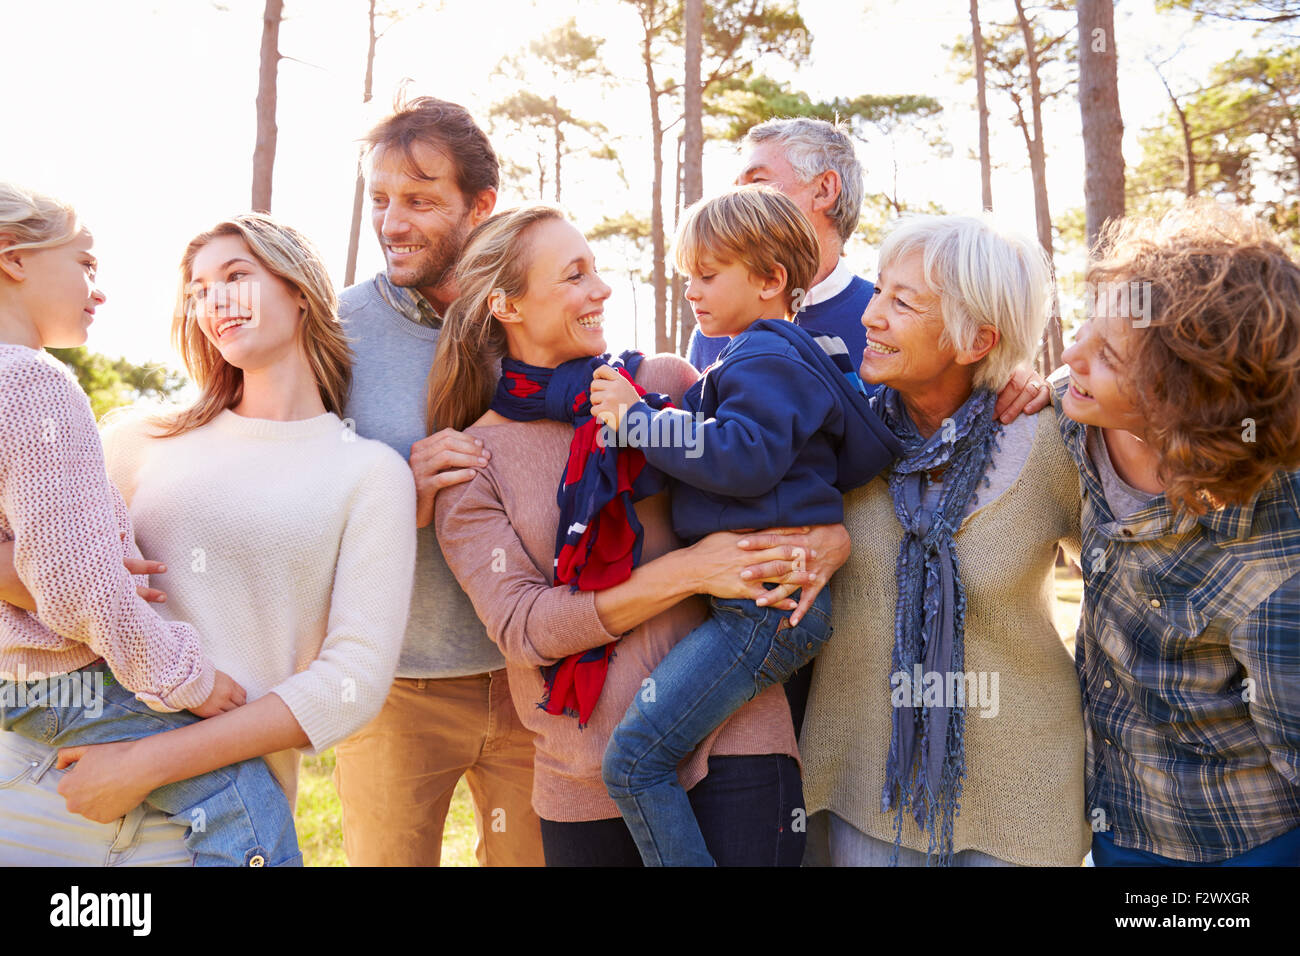 Glückliche mehr-Generationen-Familie auf dem Lande Stockbild